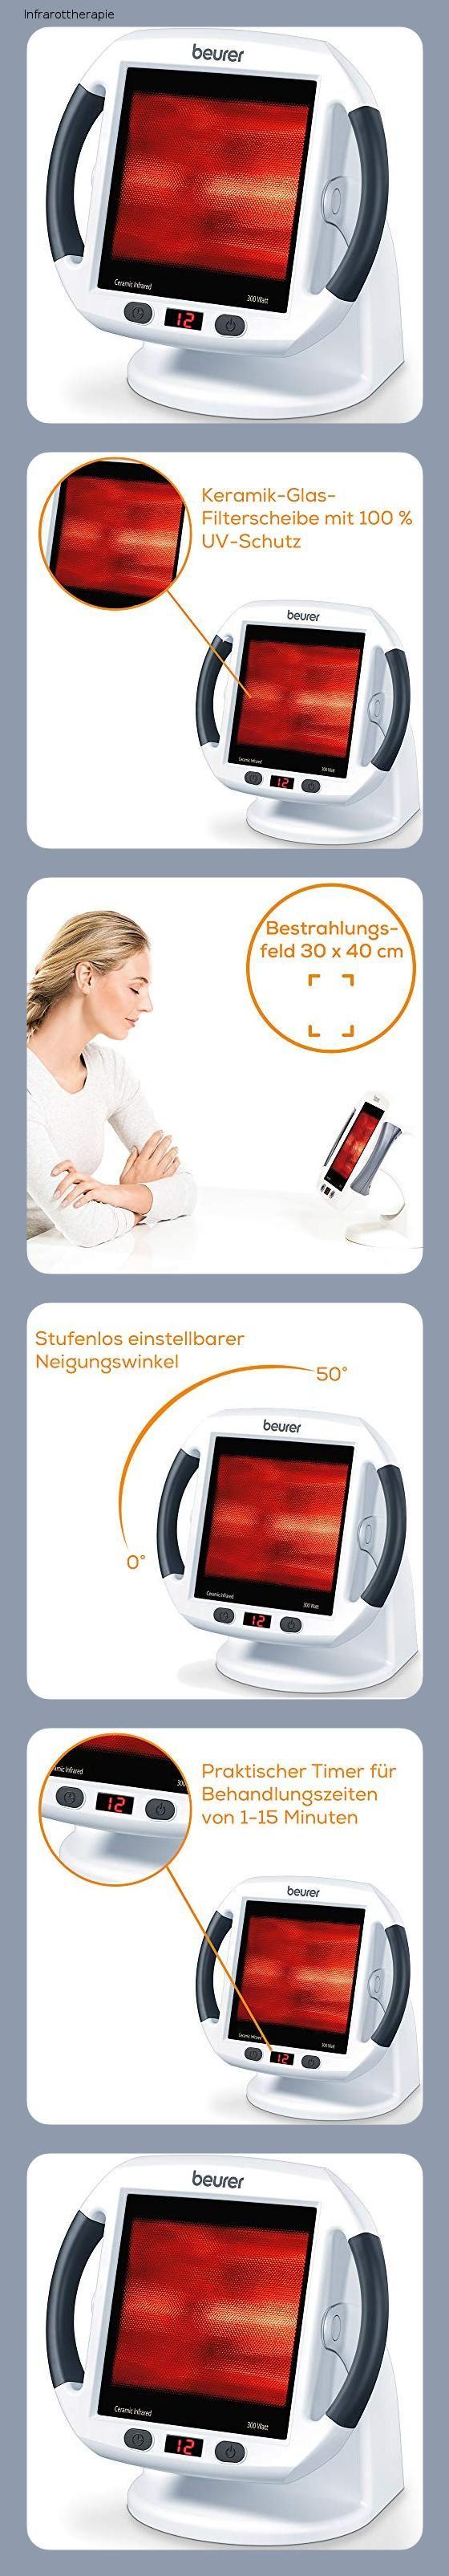 Beurer Il 50 Infrarot Warmestrahler Medizinprodukt Zur Behandlung Von Erkaltungen Und Muskelverspannungen Infrarotlampe Mit 300 Watt L In 2020 Strahler Warme Produkt